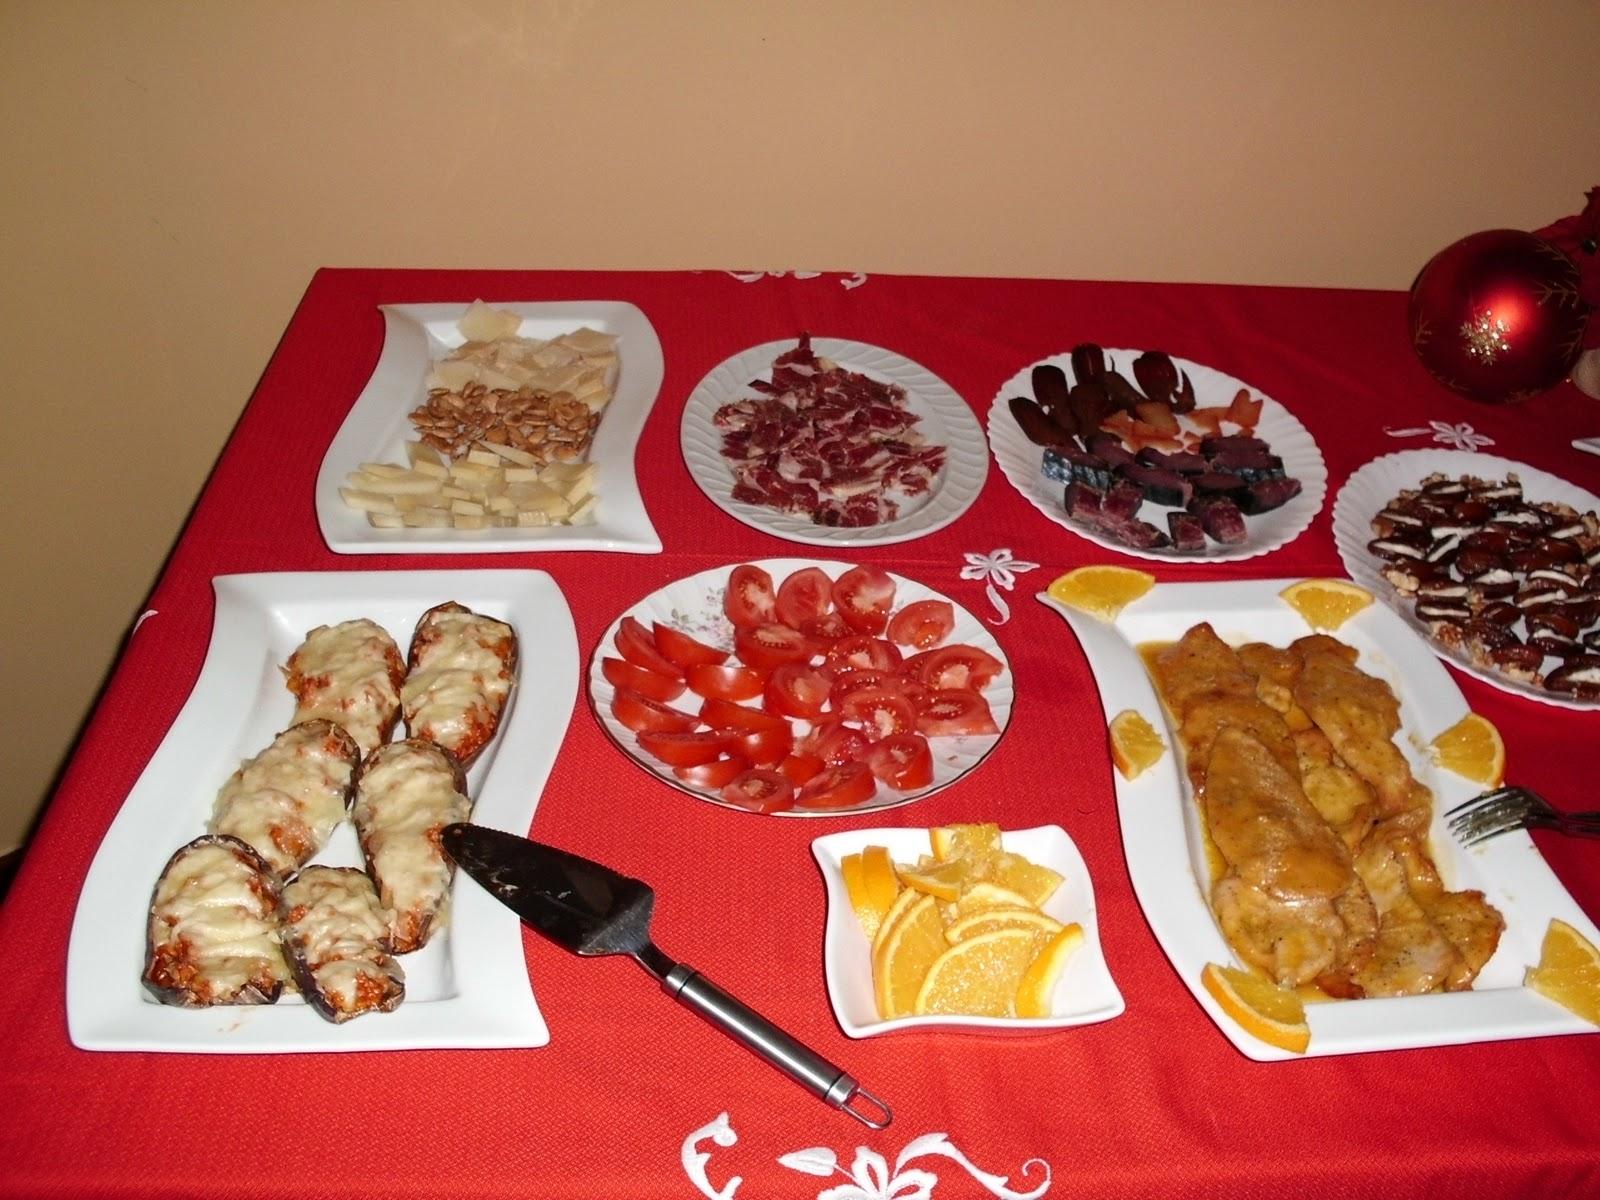 Todos a la cocina cena de noche vieja - Ideas cena nochevieja ...